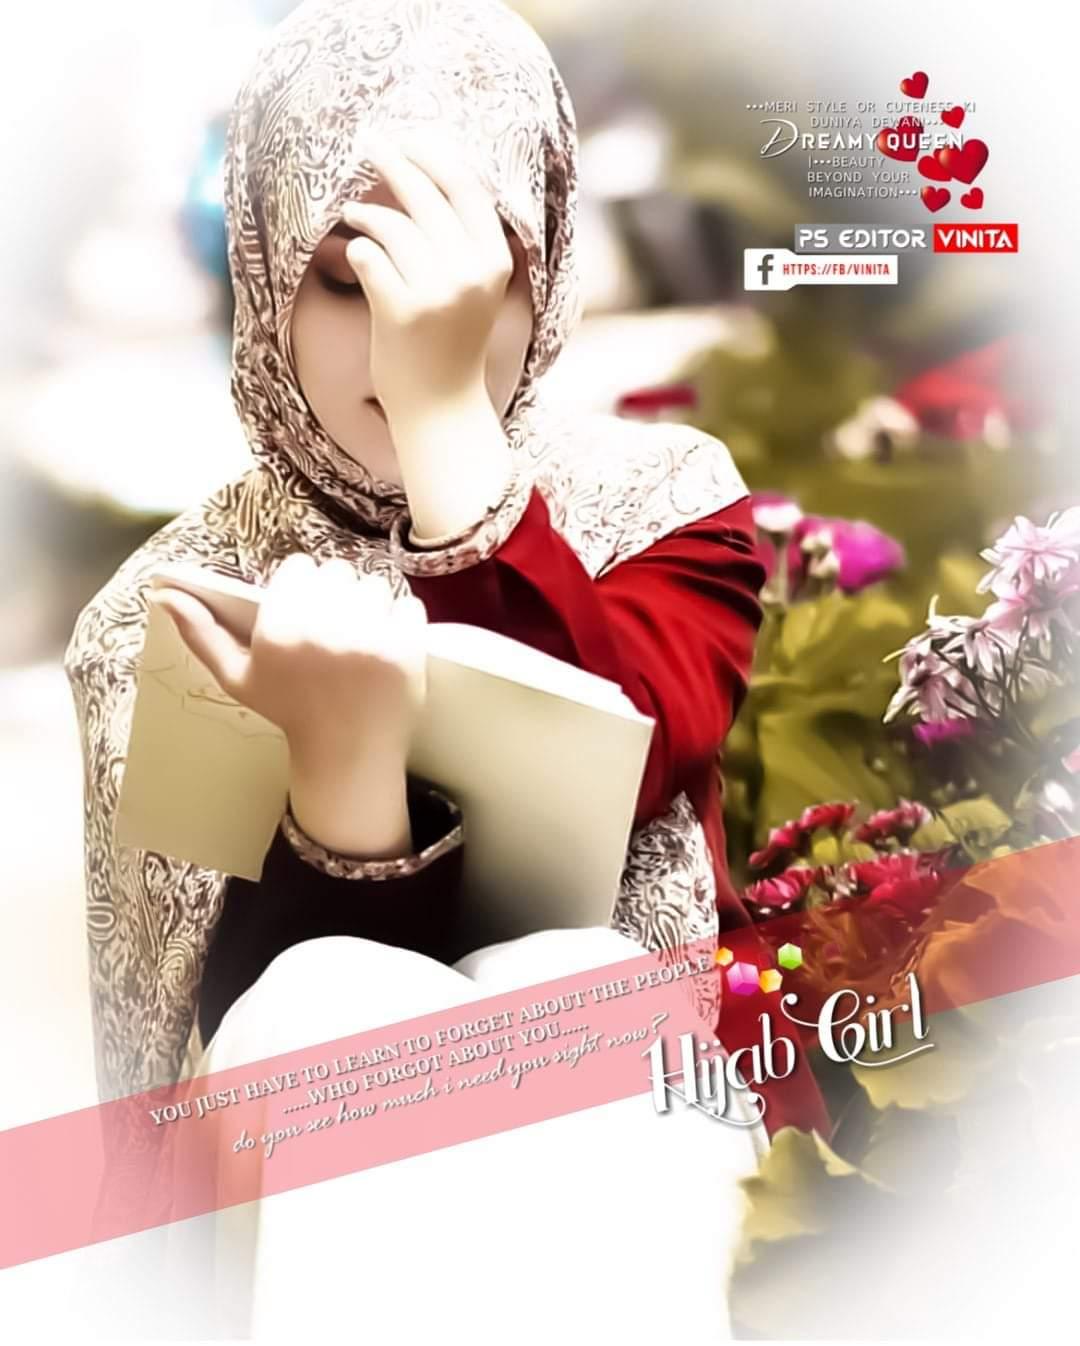 Stylish hijabi girl